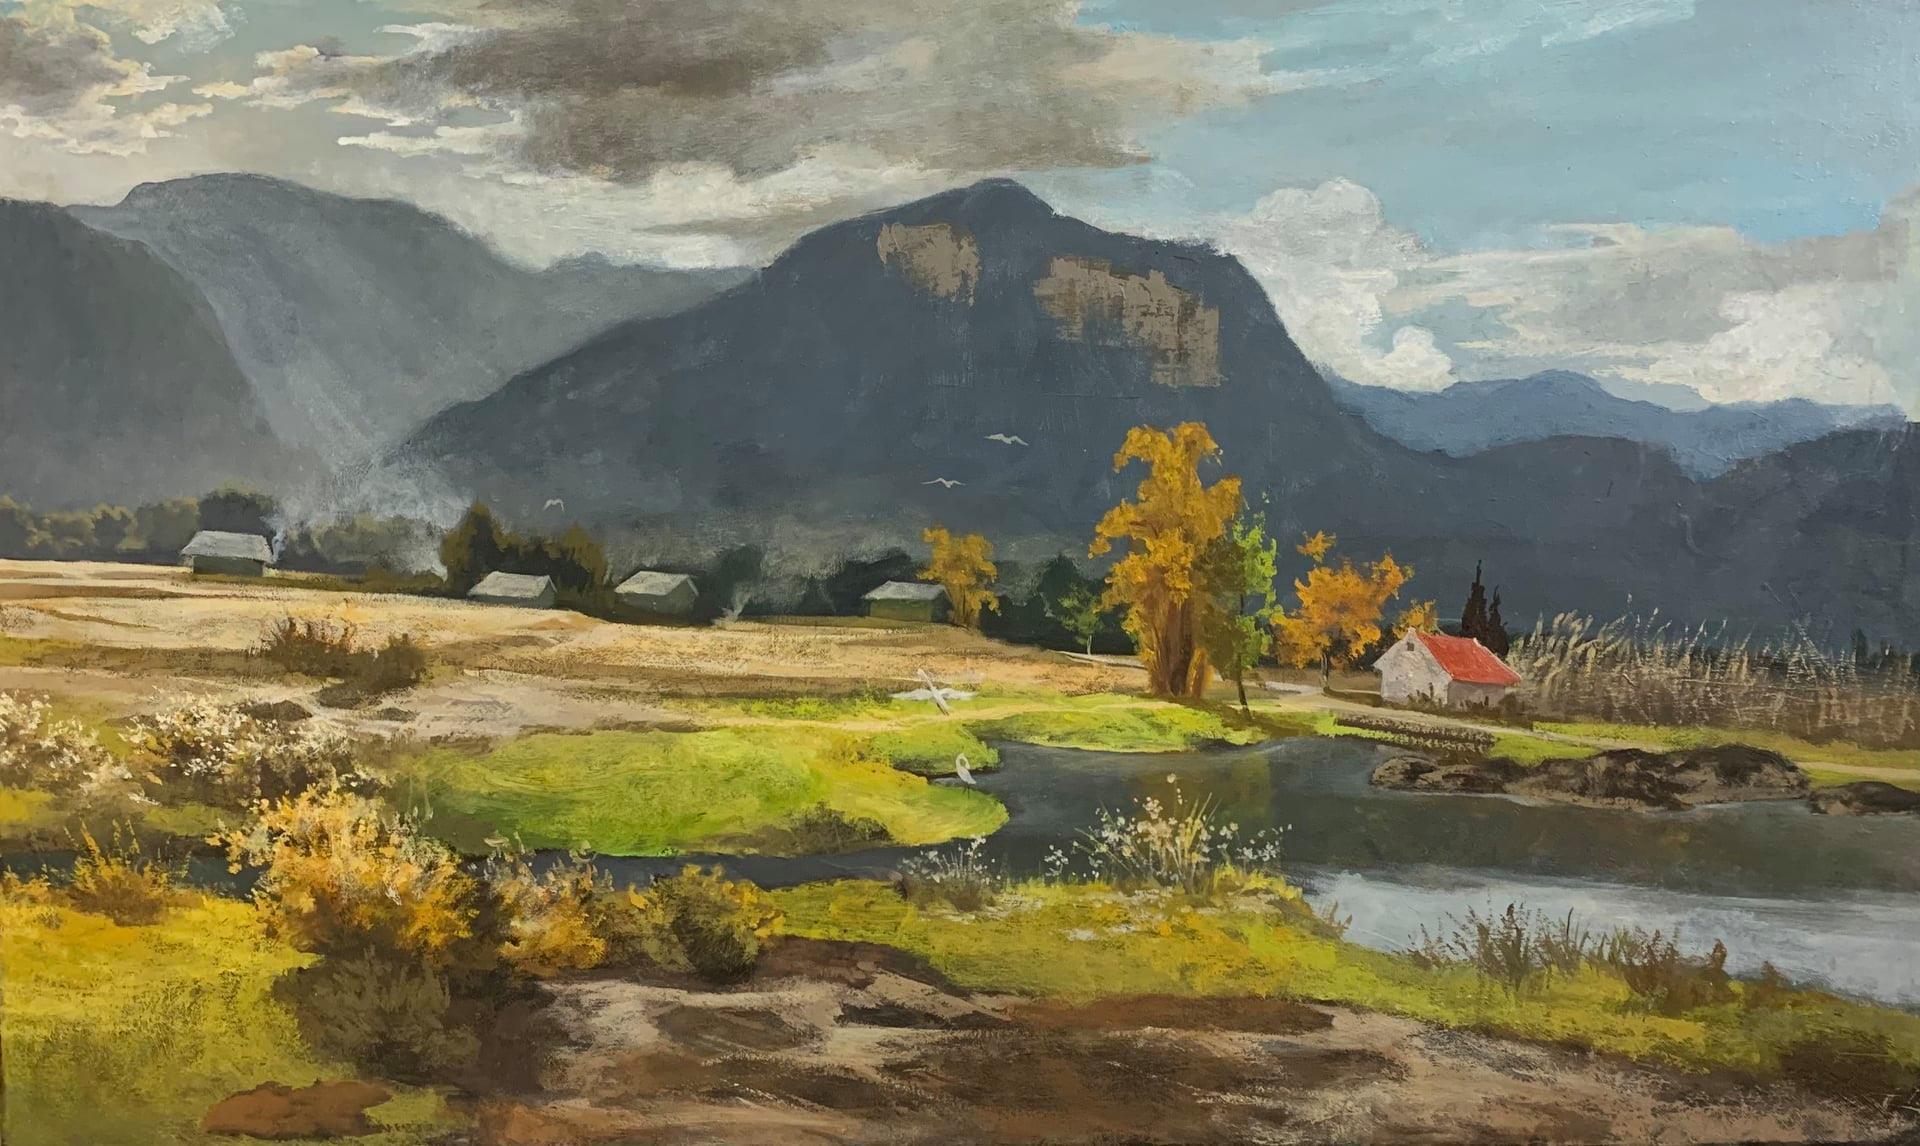 Tác phẩm Chiều tháng 10 của Đinh Ngọc Sơn, chất liệu sơn dầu